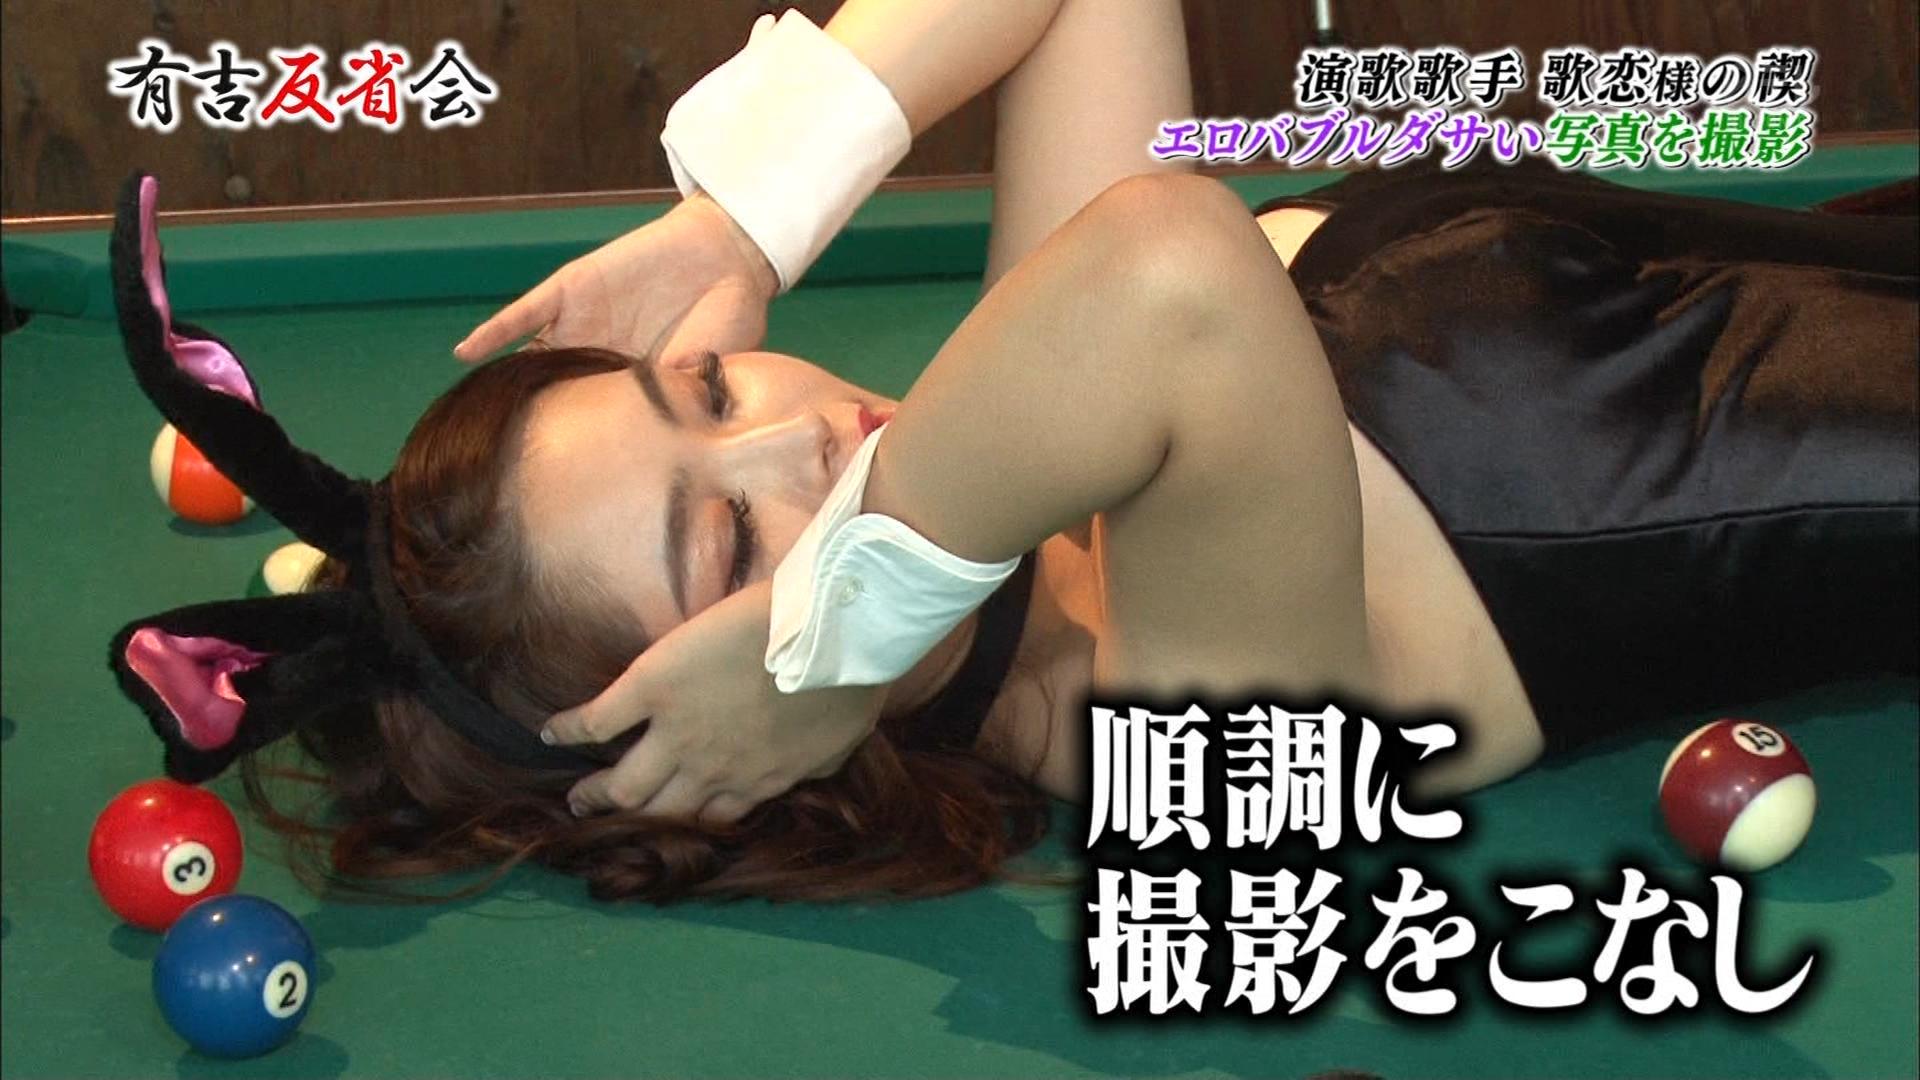 歌恋(24)巨乳演歌歌手の有吉反省会エロキャプ画像33枚・18枚目の画像